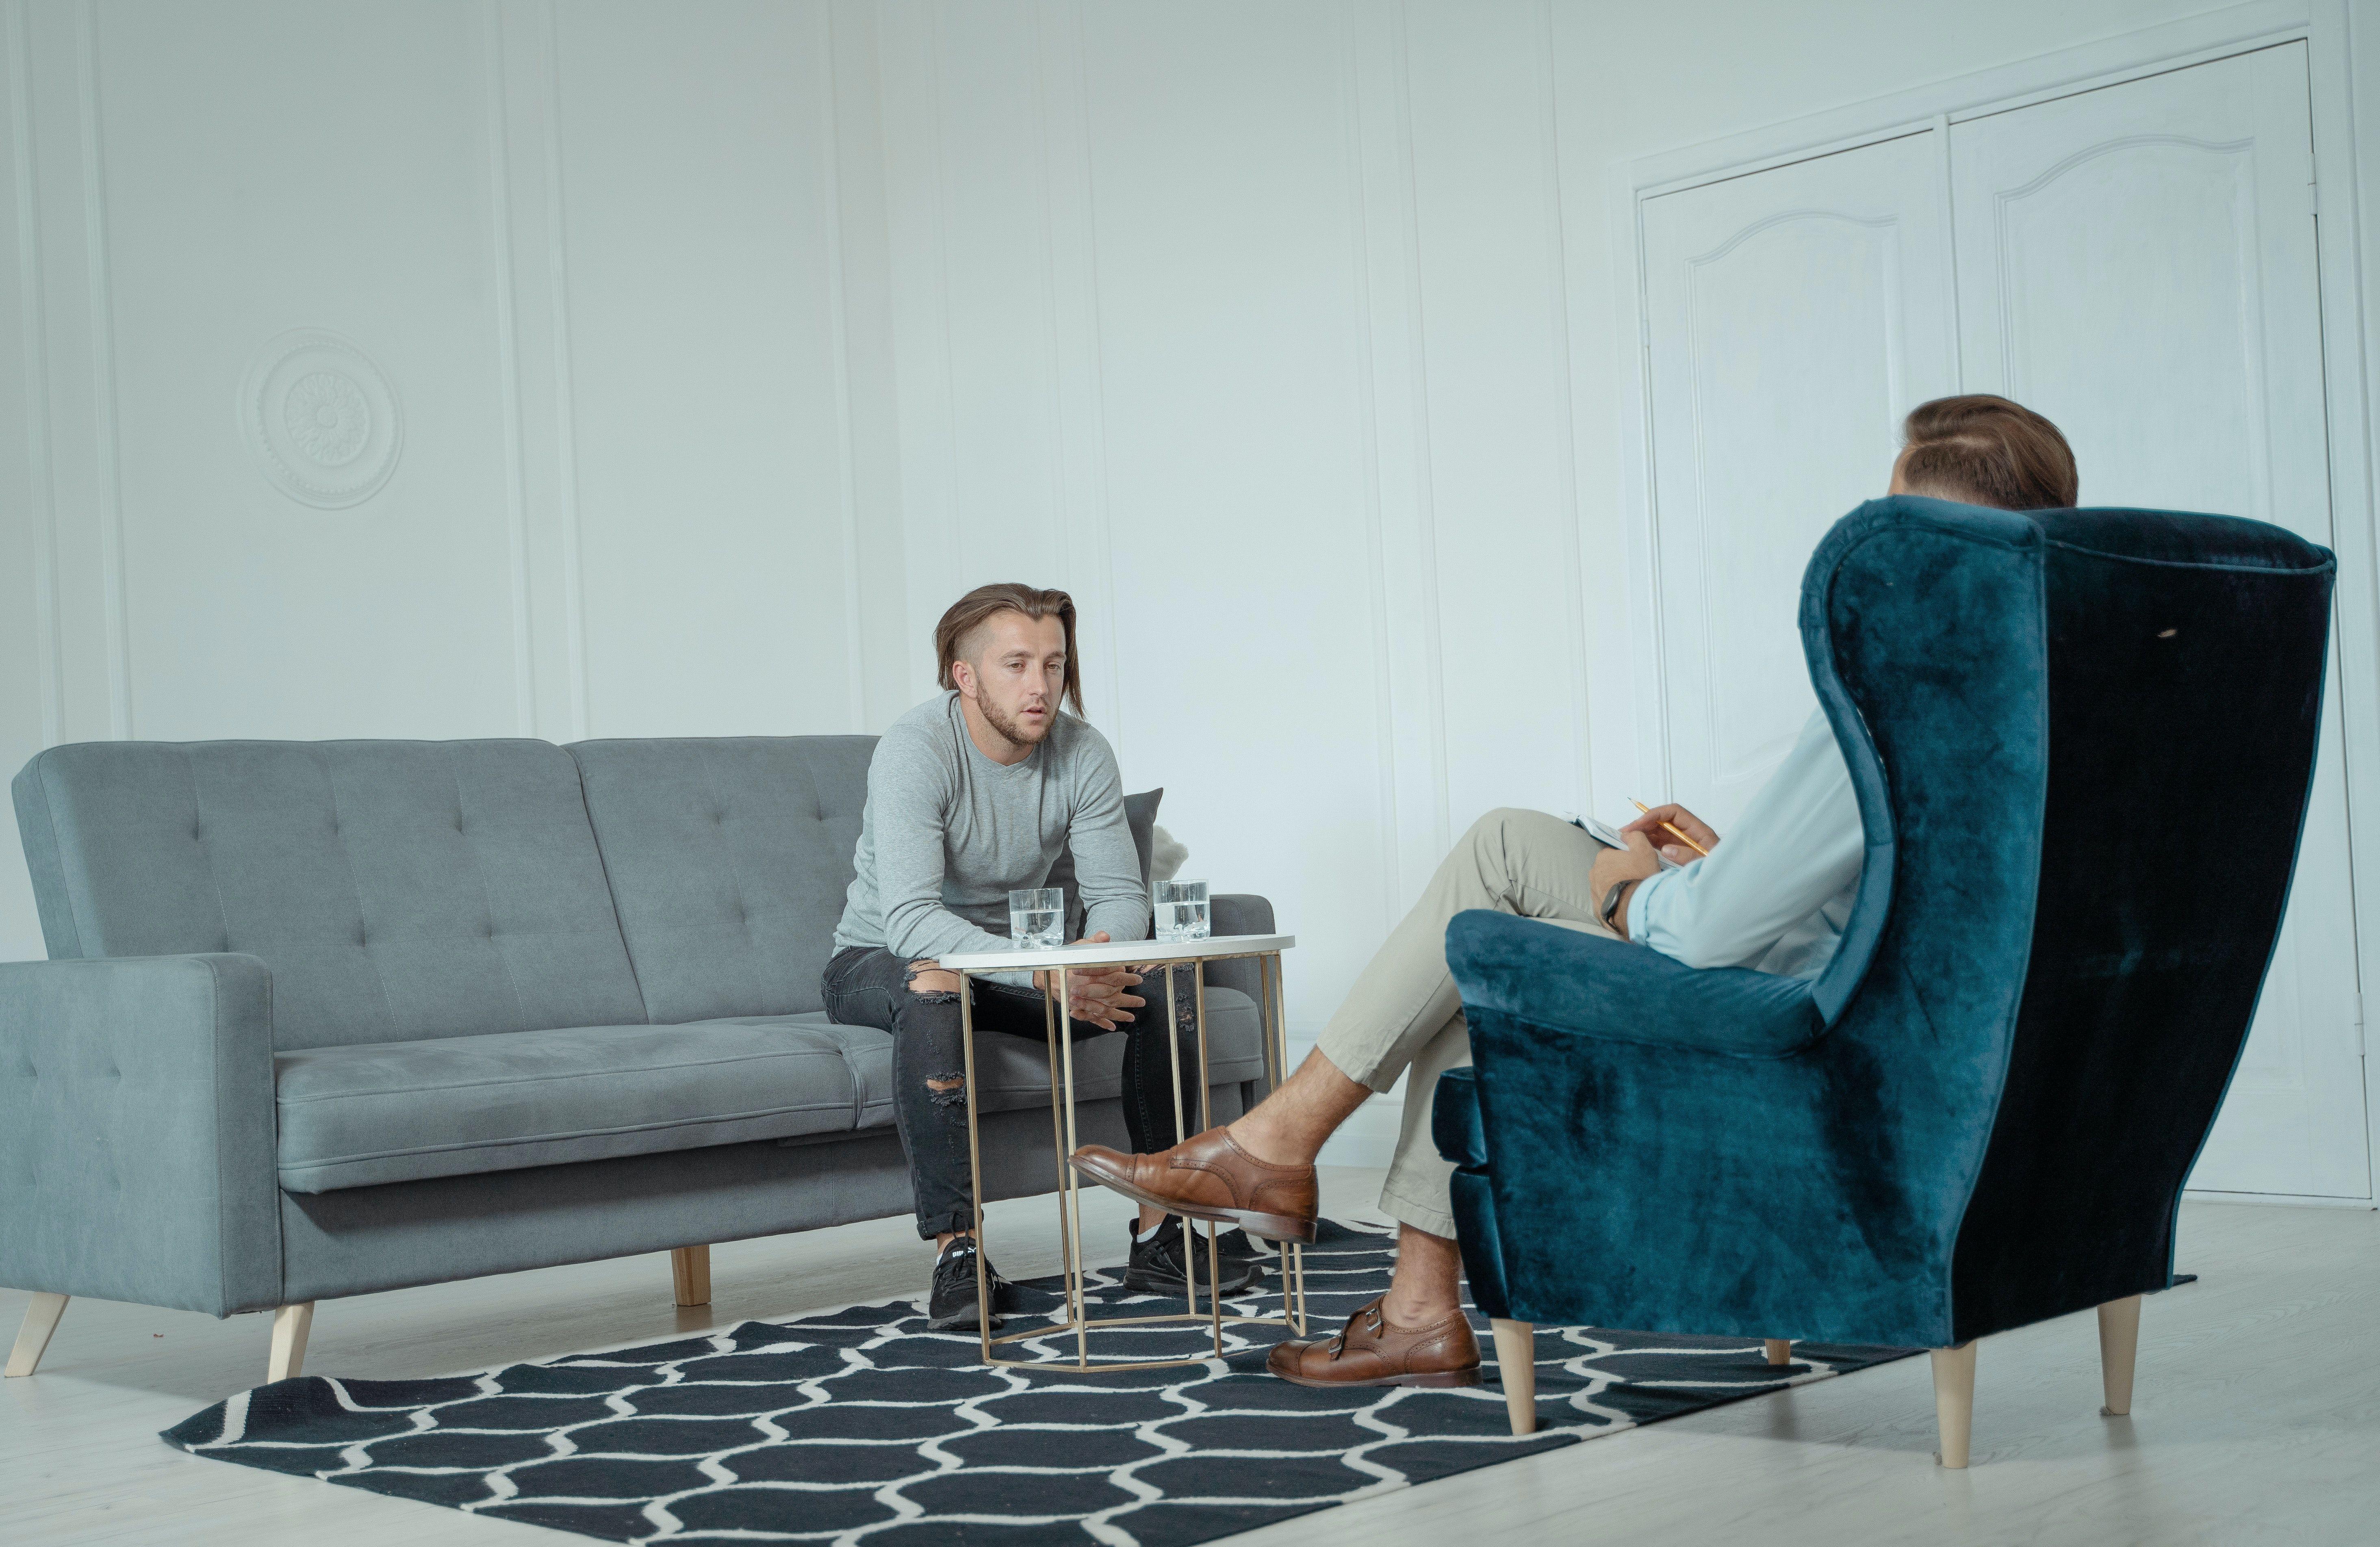 دو مرد نشسته بر روی مبل در یک جلسهی مشاوره روانشناسی